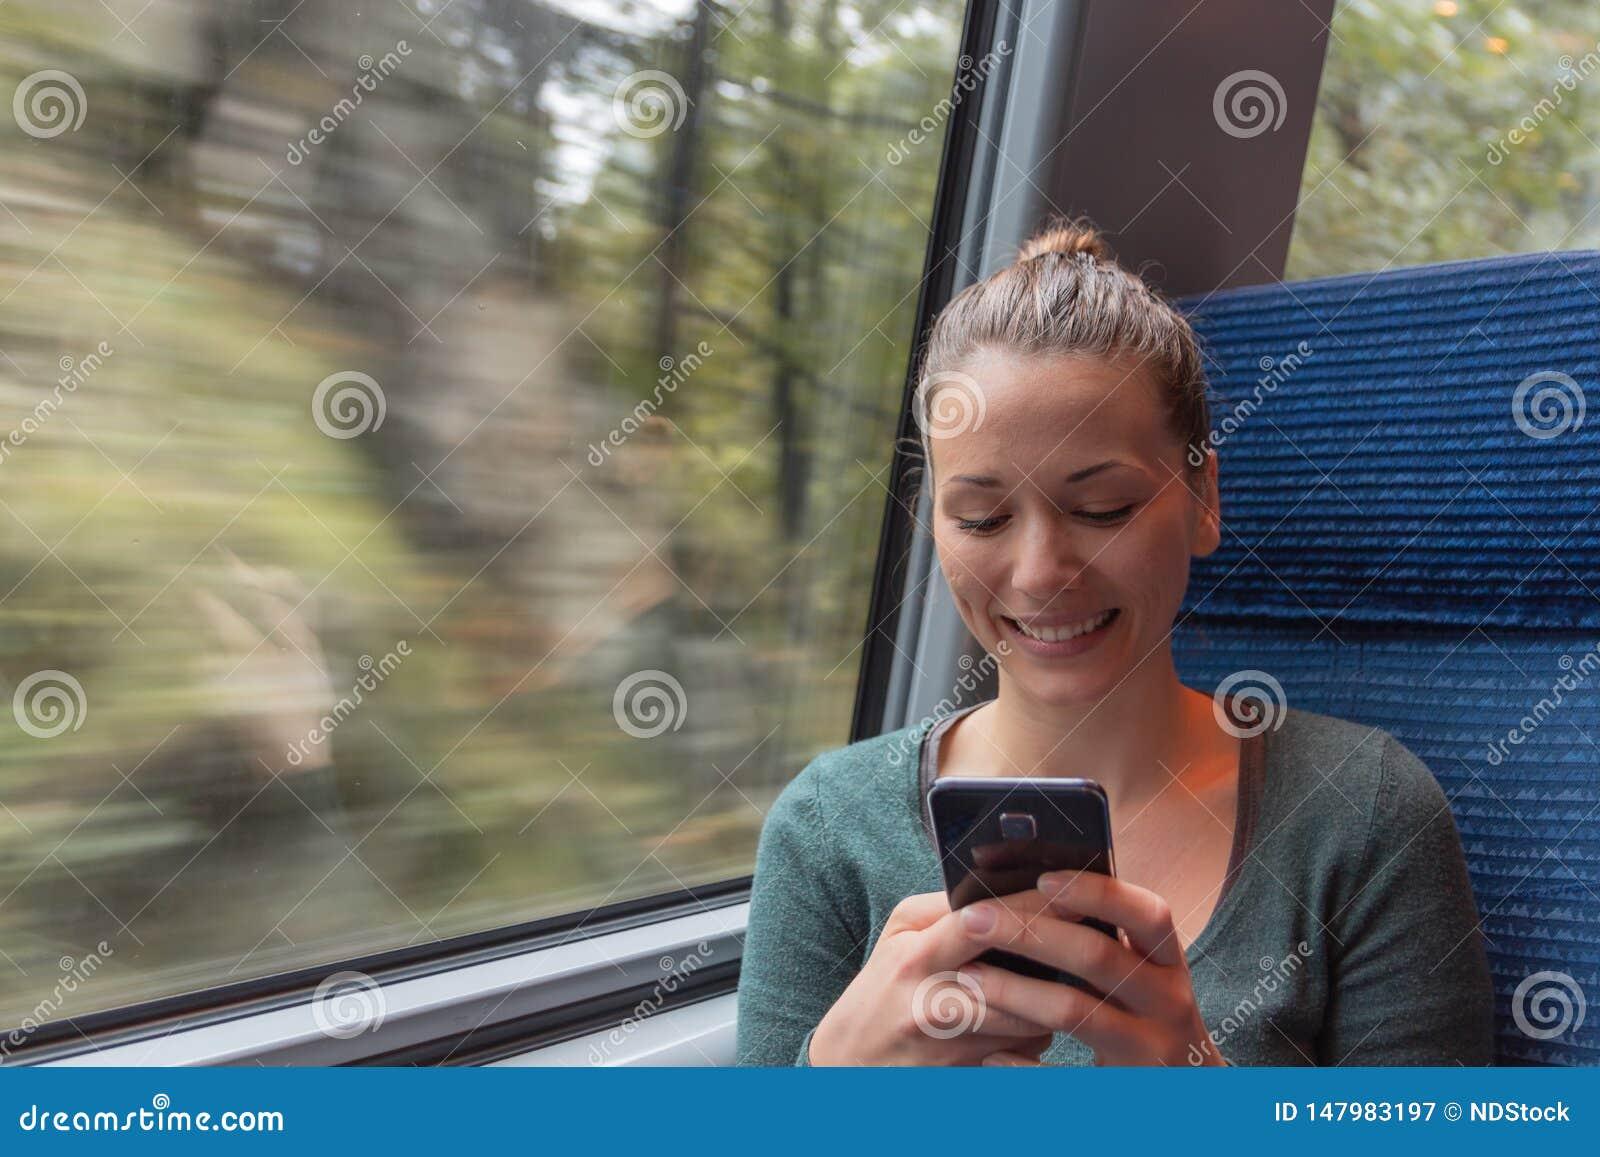 Invio di messaggi di testo della giovane donna con il suo smartphone durante il viaggio nel treno mentre sta andando lavorare